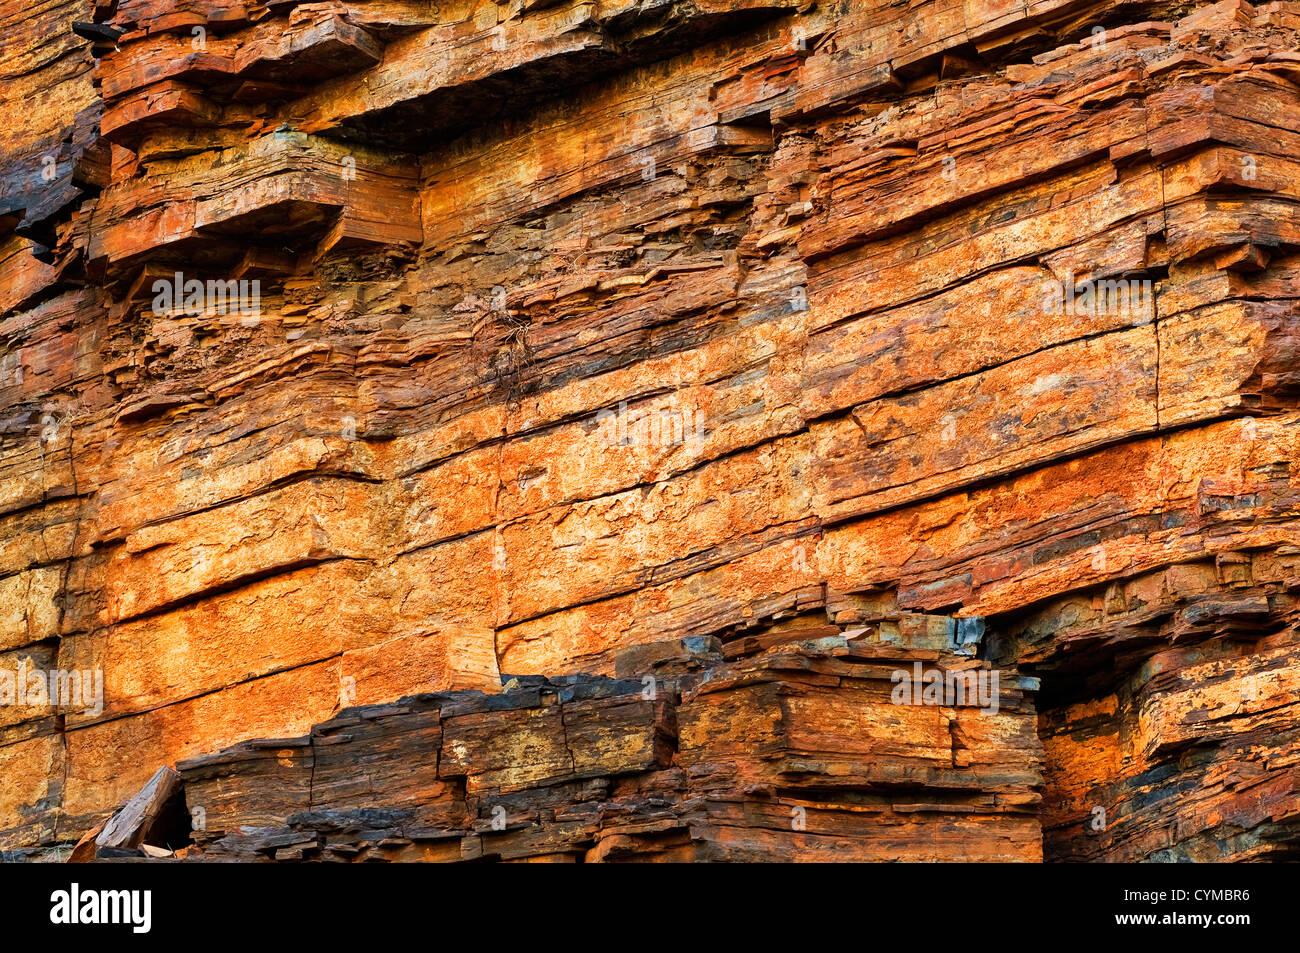 Dans un mur de pierre Dales Gorge. Photo Stock